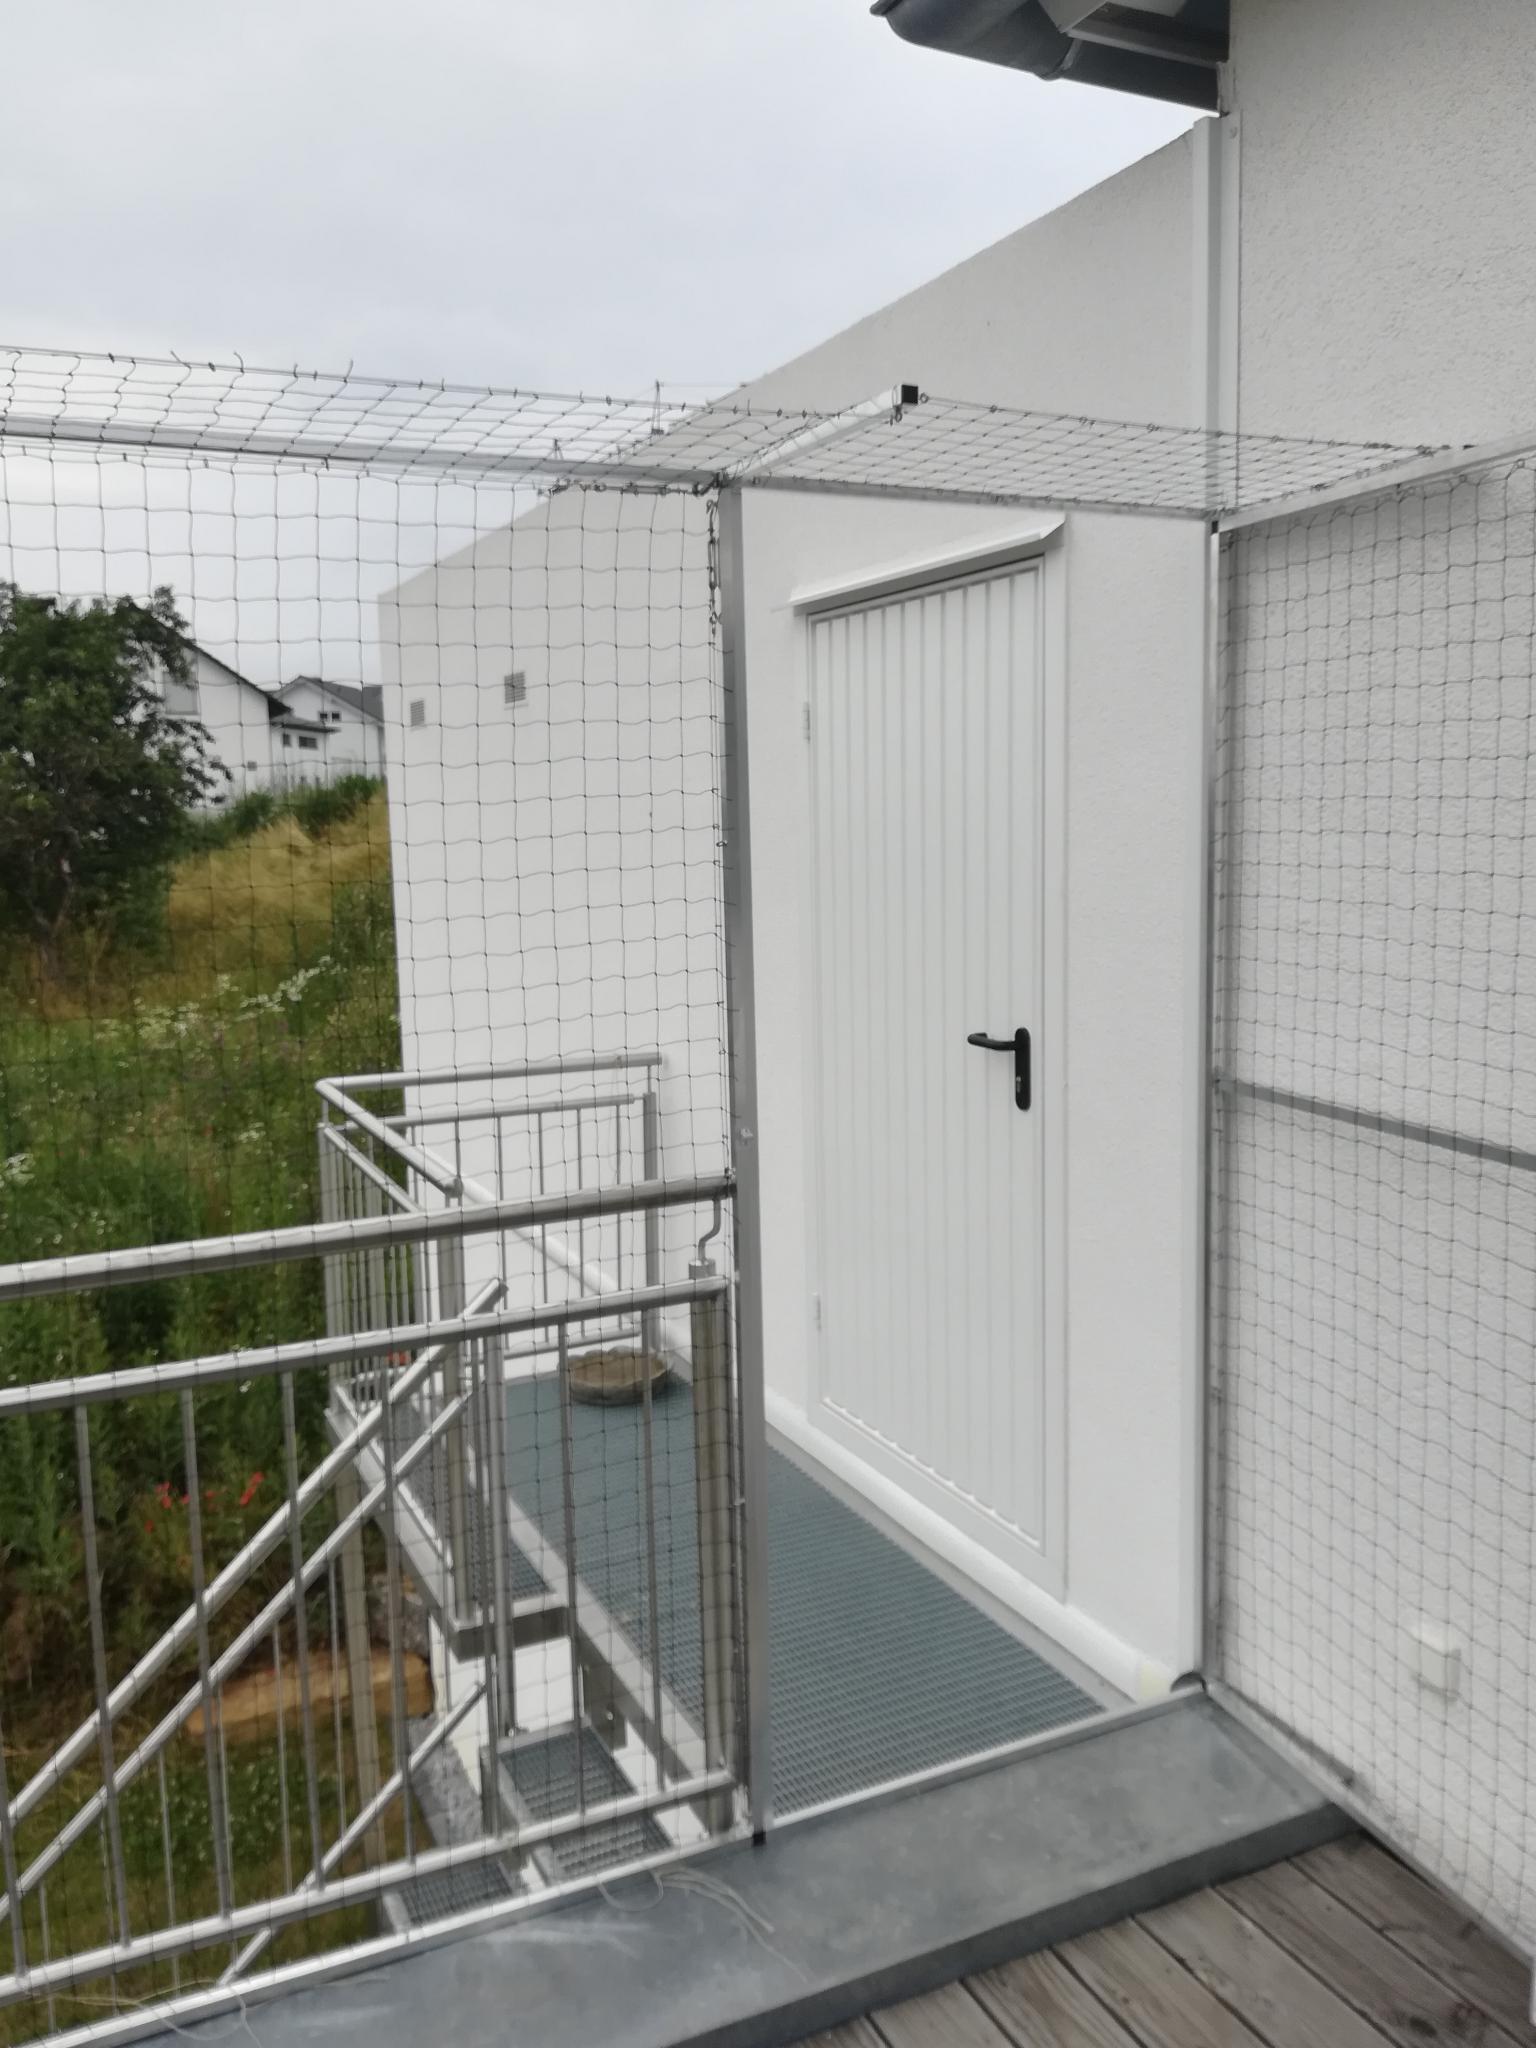 Katzenschutznetz mit Tür am Balkon